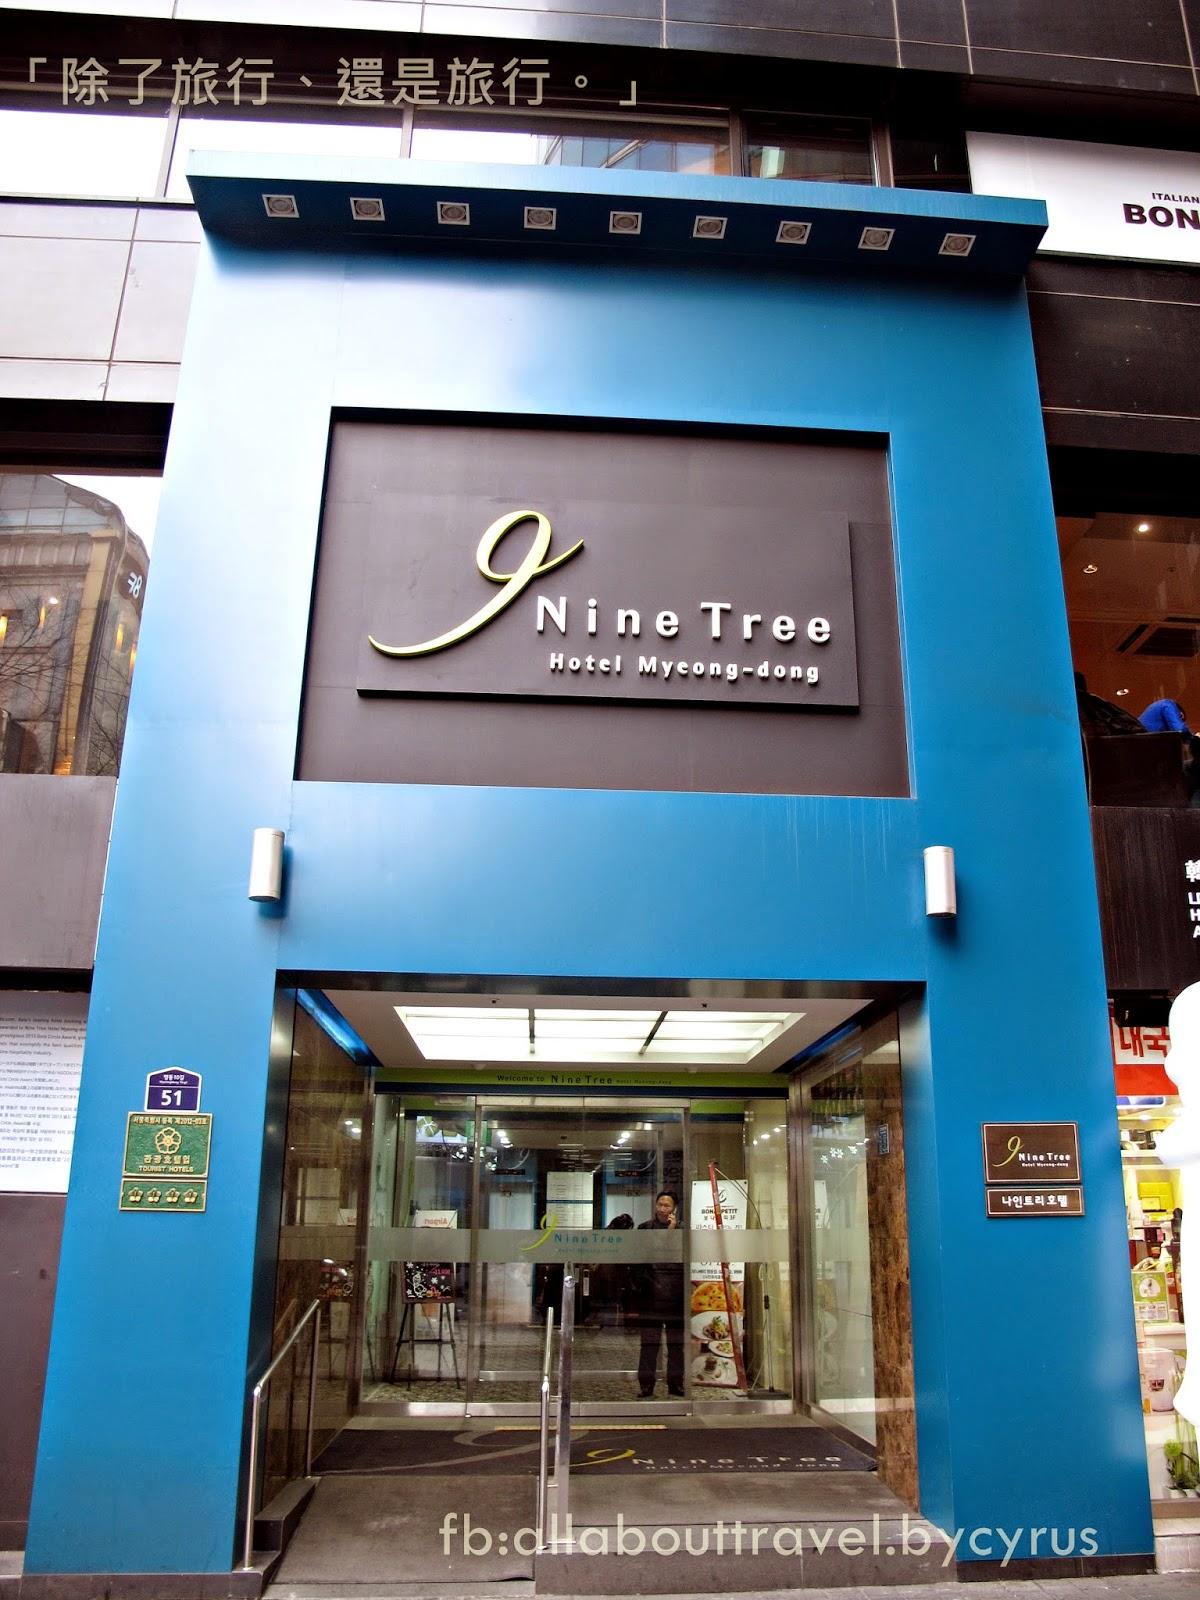 「除了旅行,還是旅行。」: 『韓國。住宿』明洞地鐵旁,評價極高的酒店:明洞Nine Tree 九樹酒店